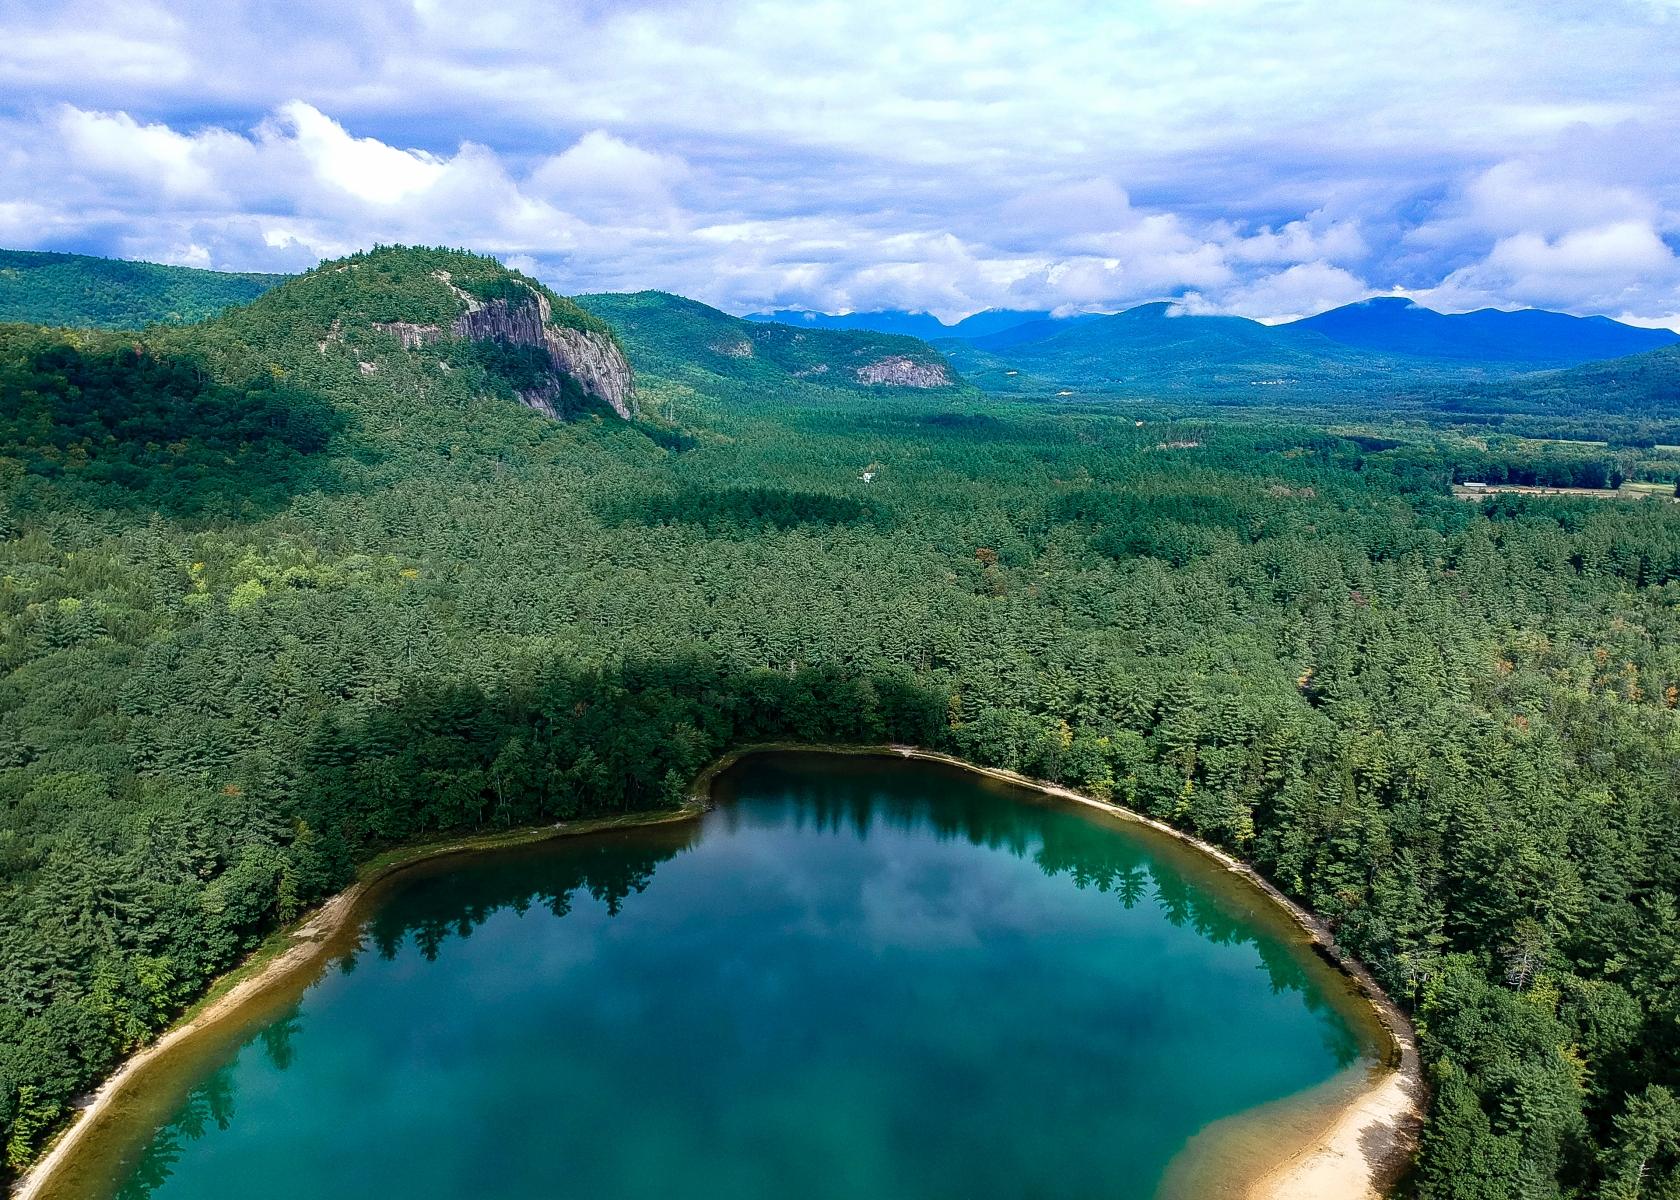 Glen Echo Lake